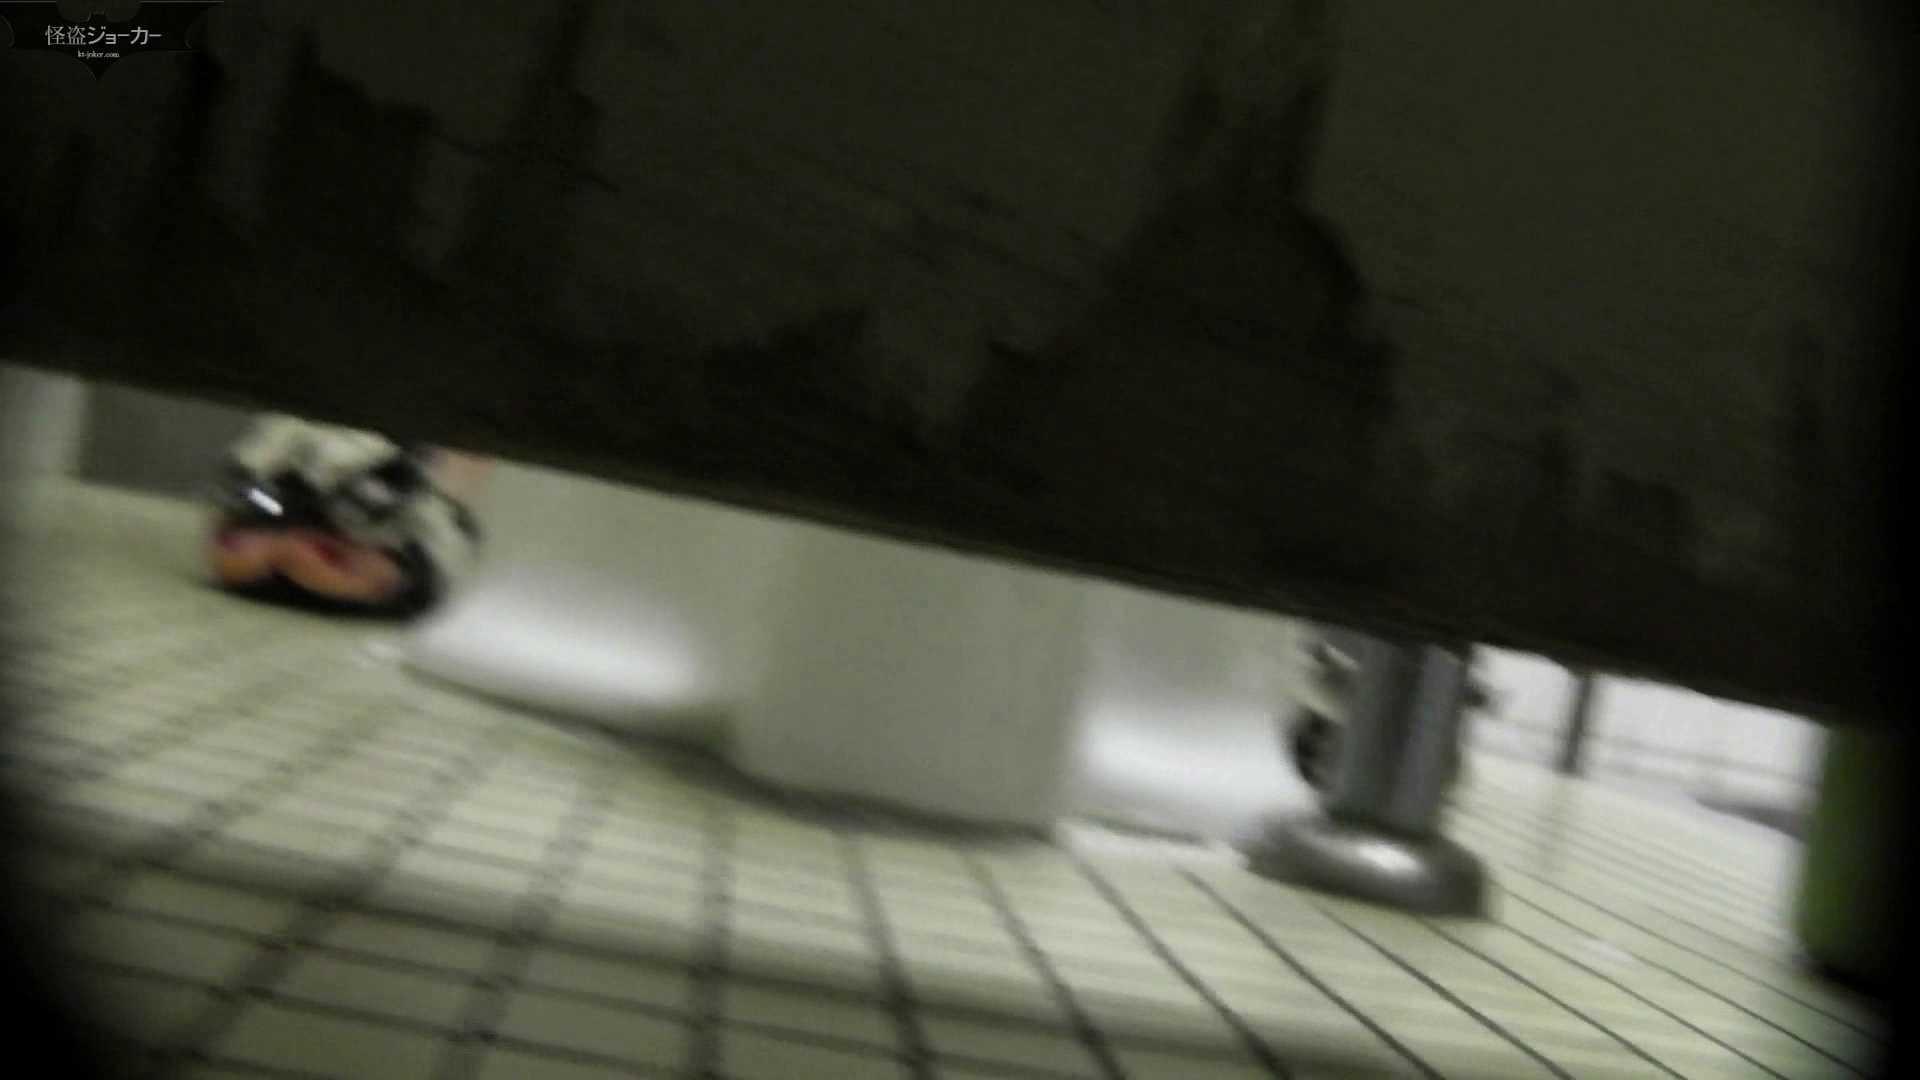 【美しき個室な世界】洗面所特攻隊 vol.051 エッチなOL  93枚 68